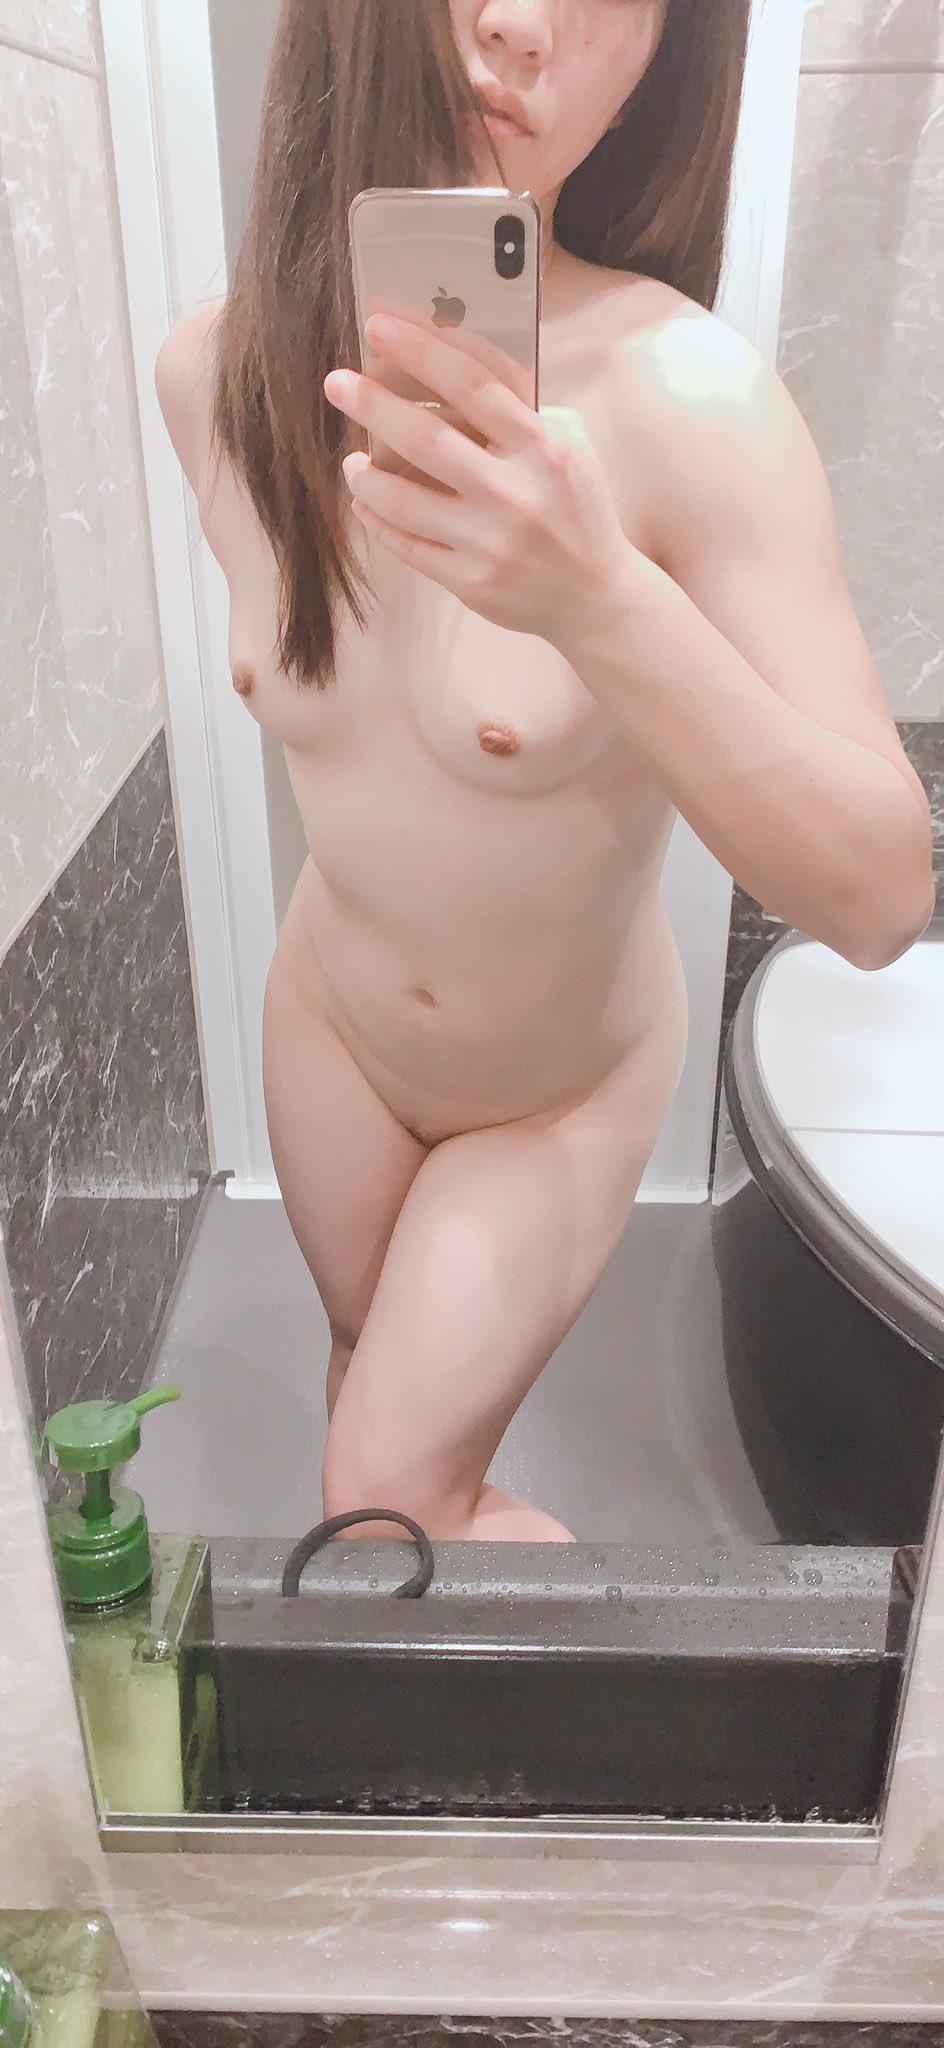 現役美人教師が職員トイレでお股広げて過激な全裸オナニー